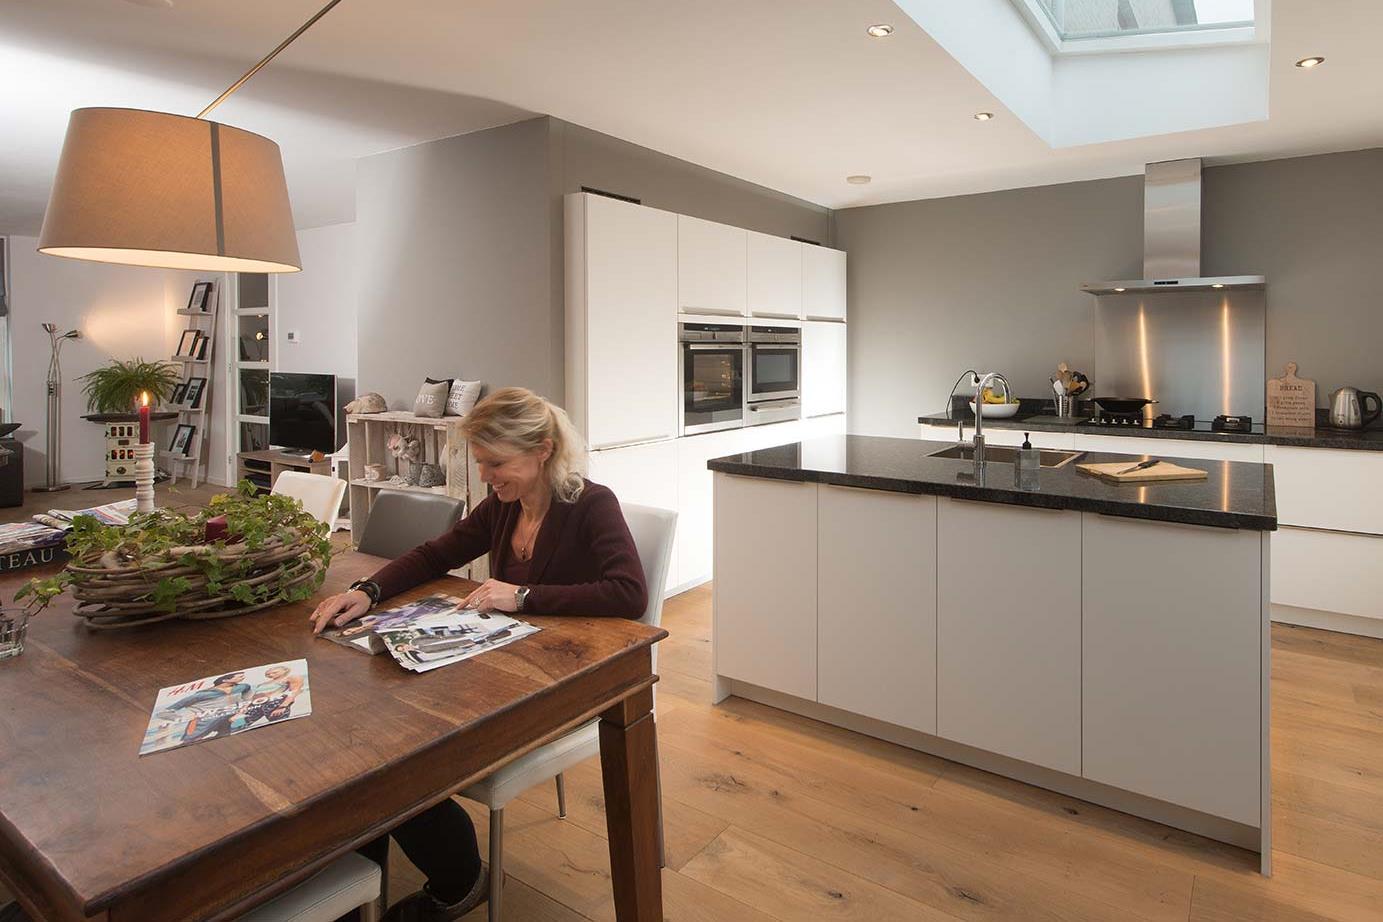 Design Keuken Kookeiland : Moderne keukens: onderscheid jezelf met strak design – DB Keukens